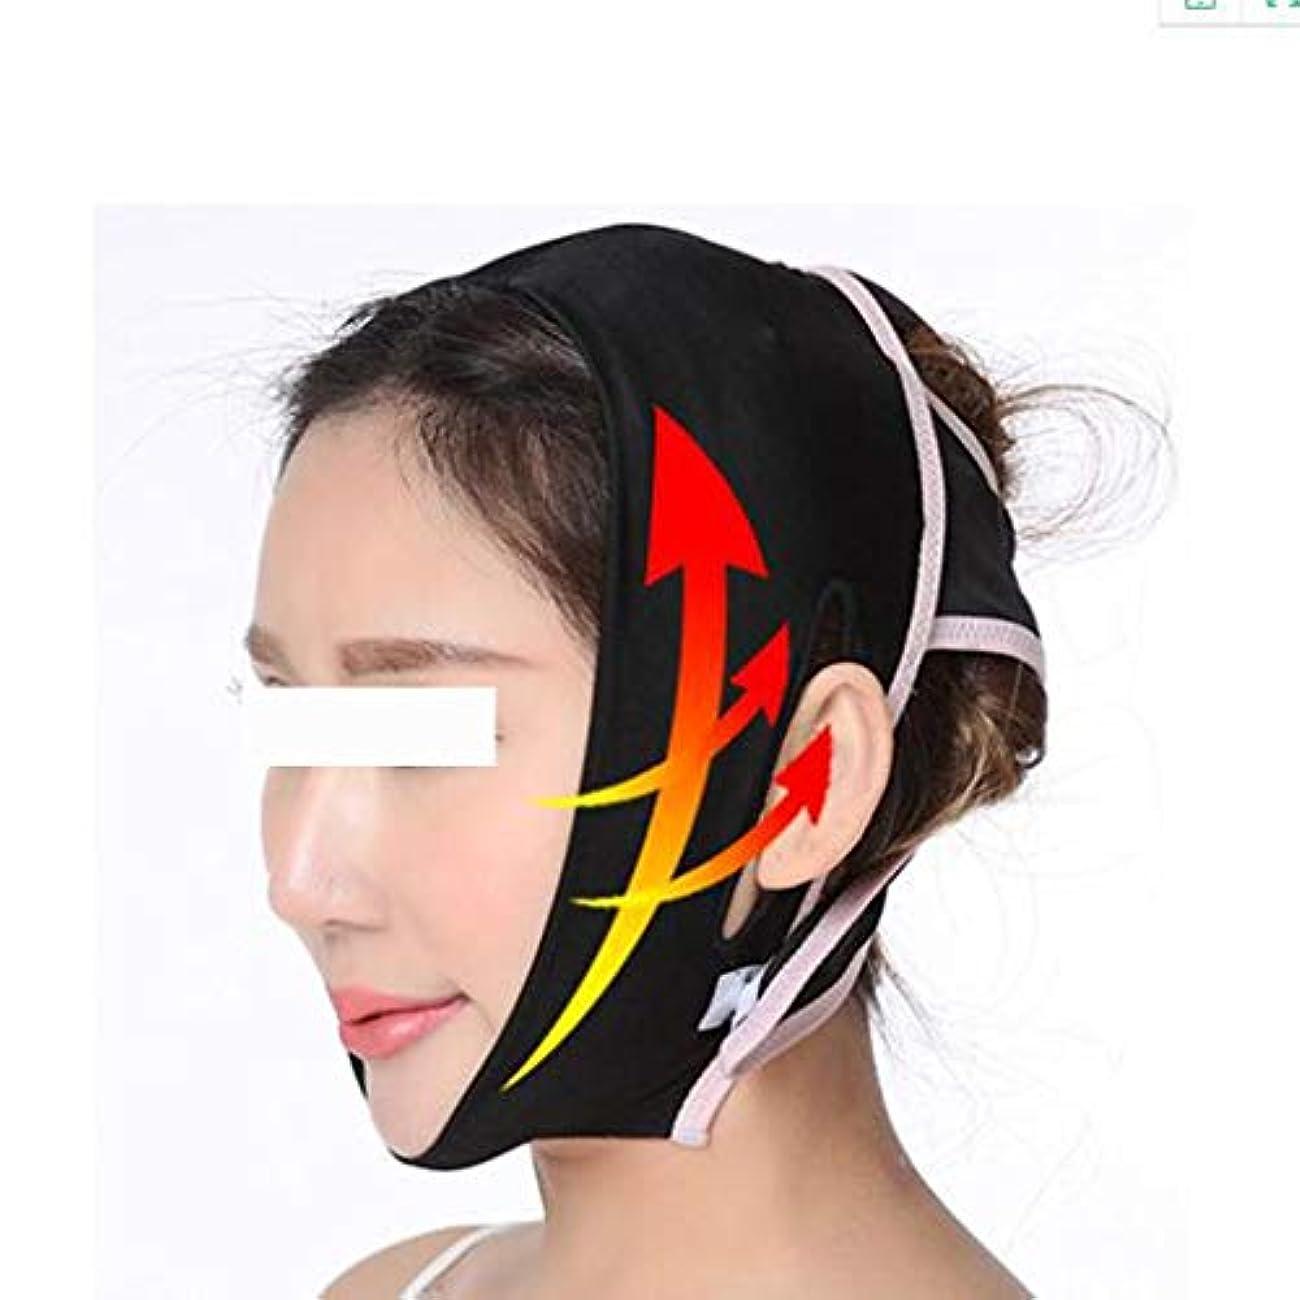 エキスパート落胆させるウェイドV顔持ち上がる二重あご法律のパターンを削除する薄いV顔包帯 - 小さな顔マスク - 顔の形